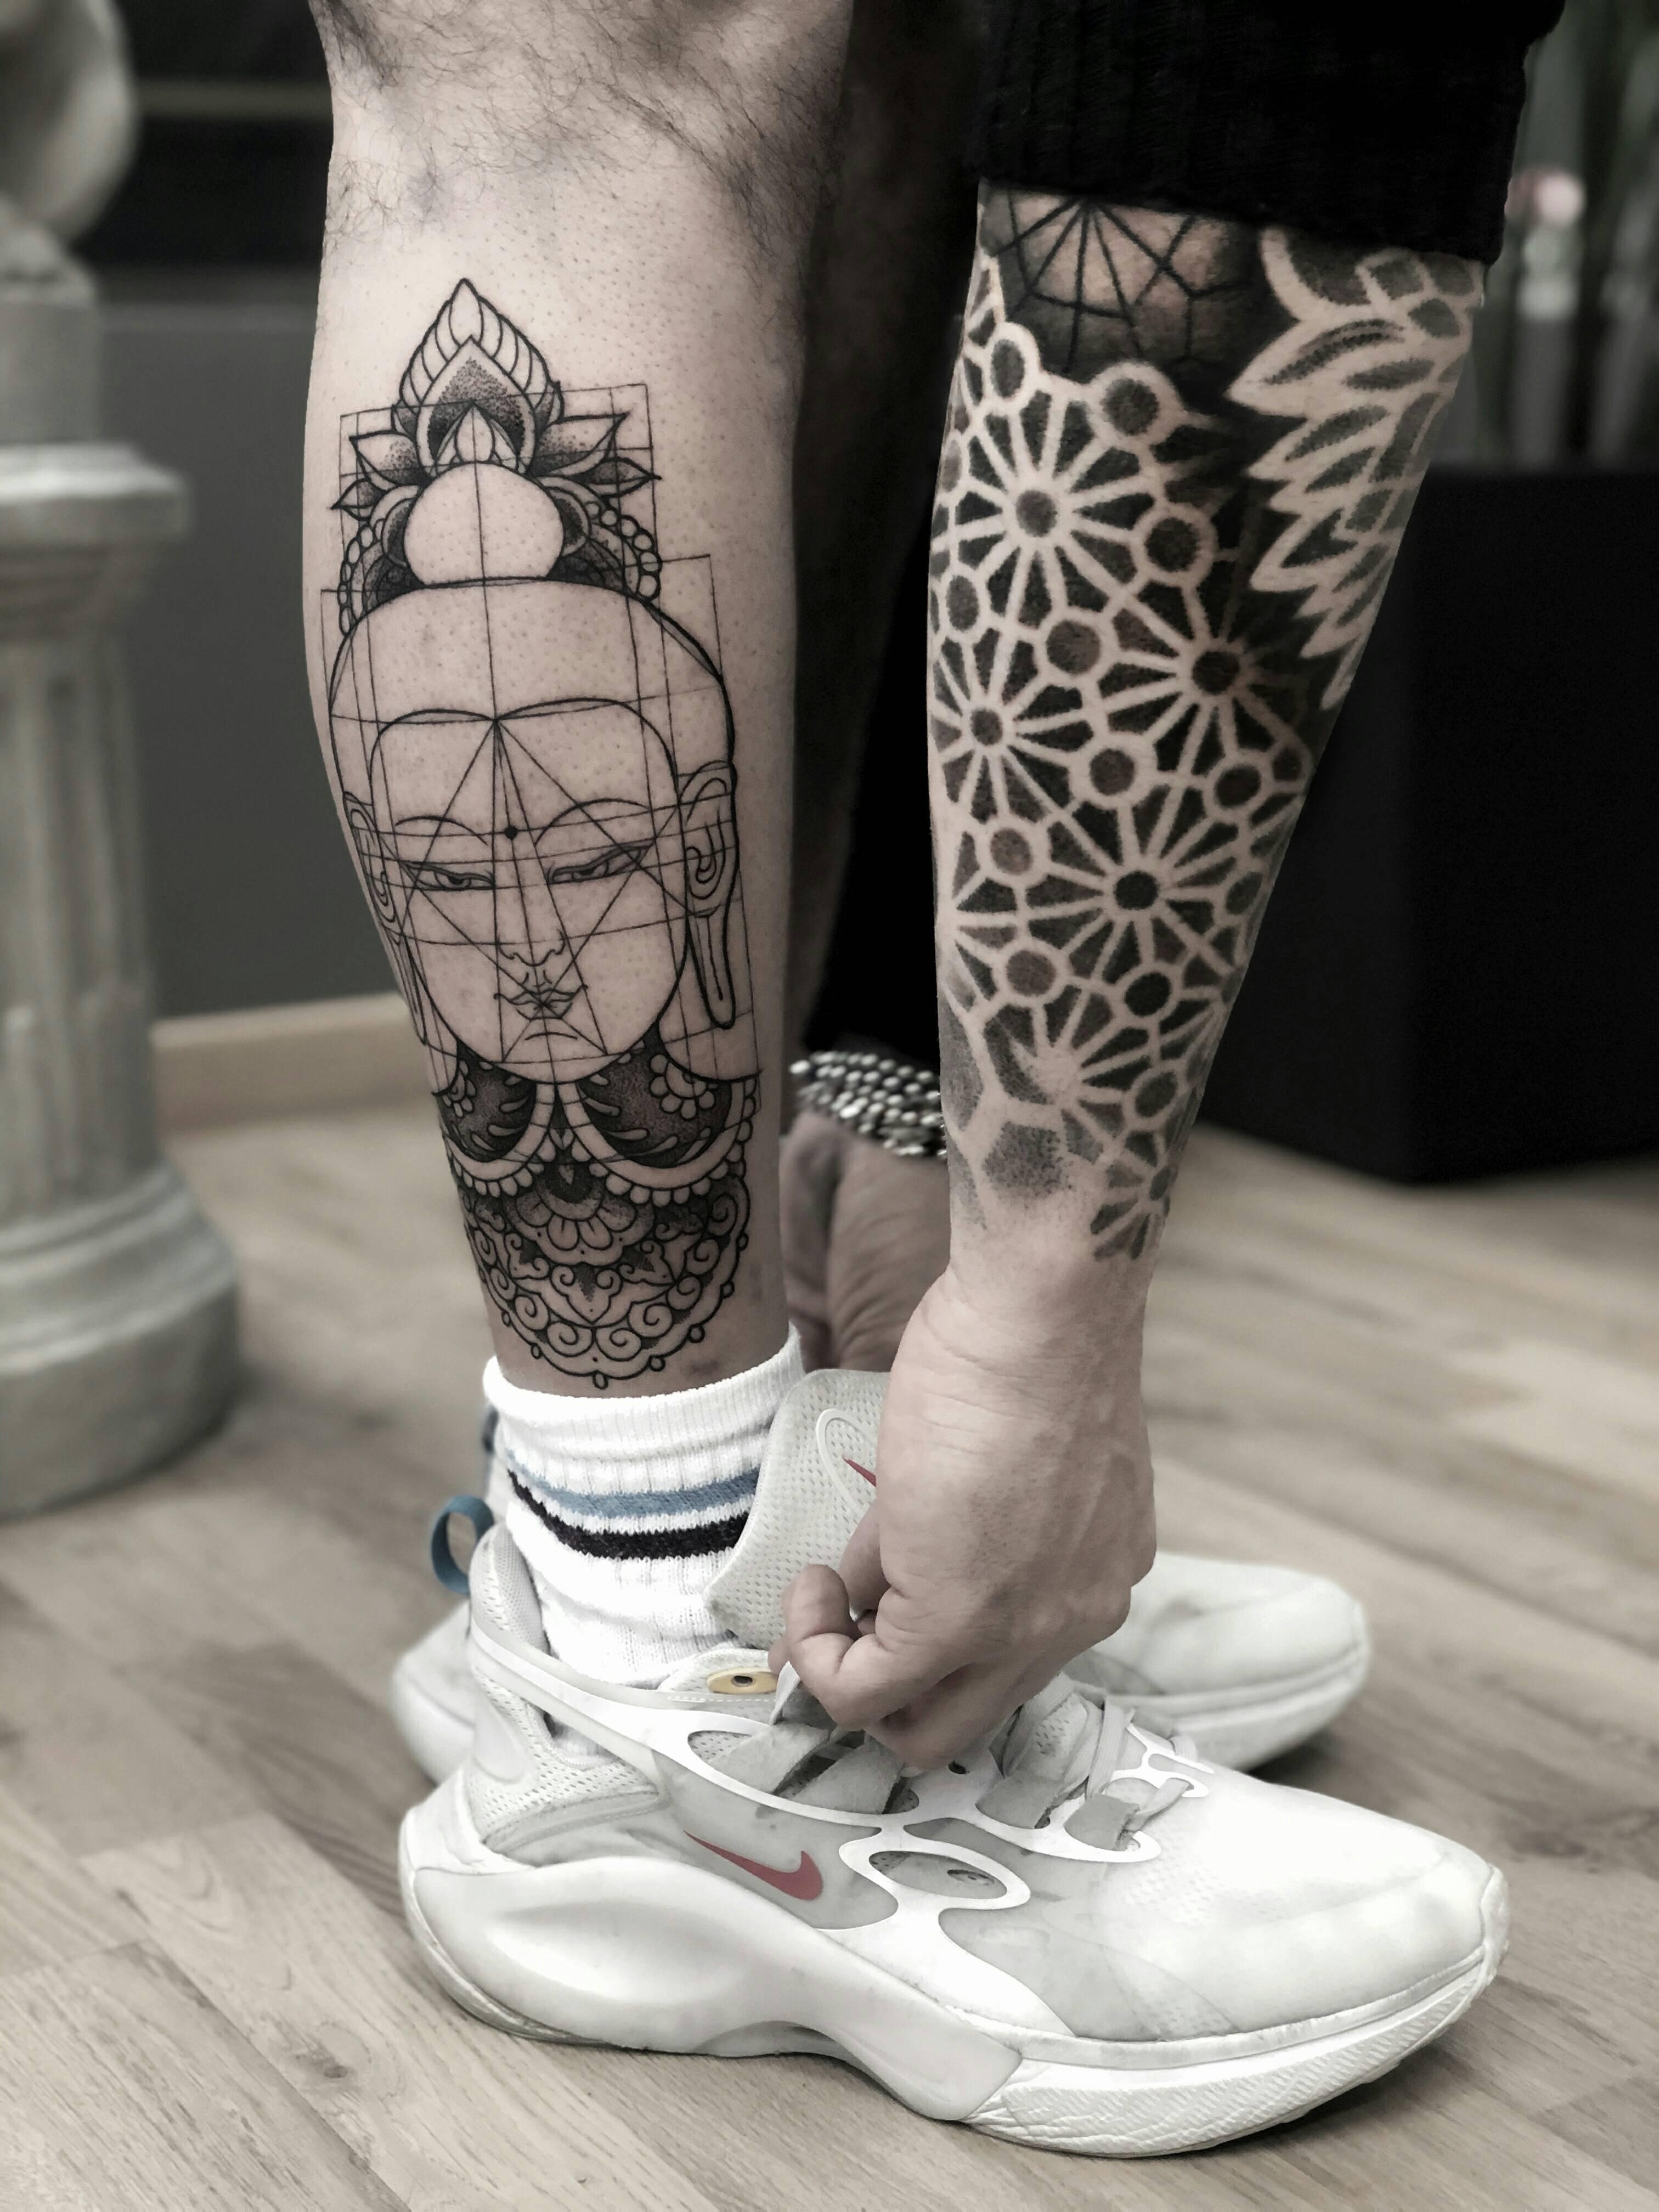 Ragazzi sono un Tatuatore ,sto cercando di far crescere la mia pagina INSTAGRAM, potreste aiutarmi ??? seguitemi per restare aggiornati su tutti i miei lavori